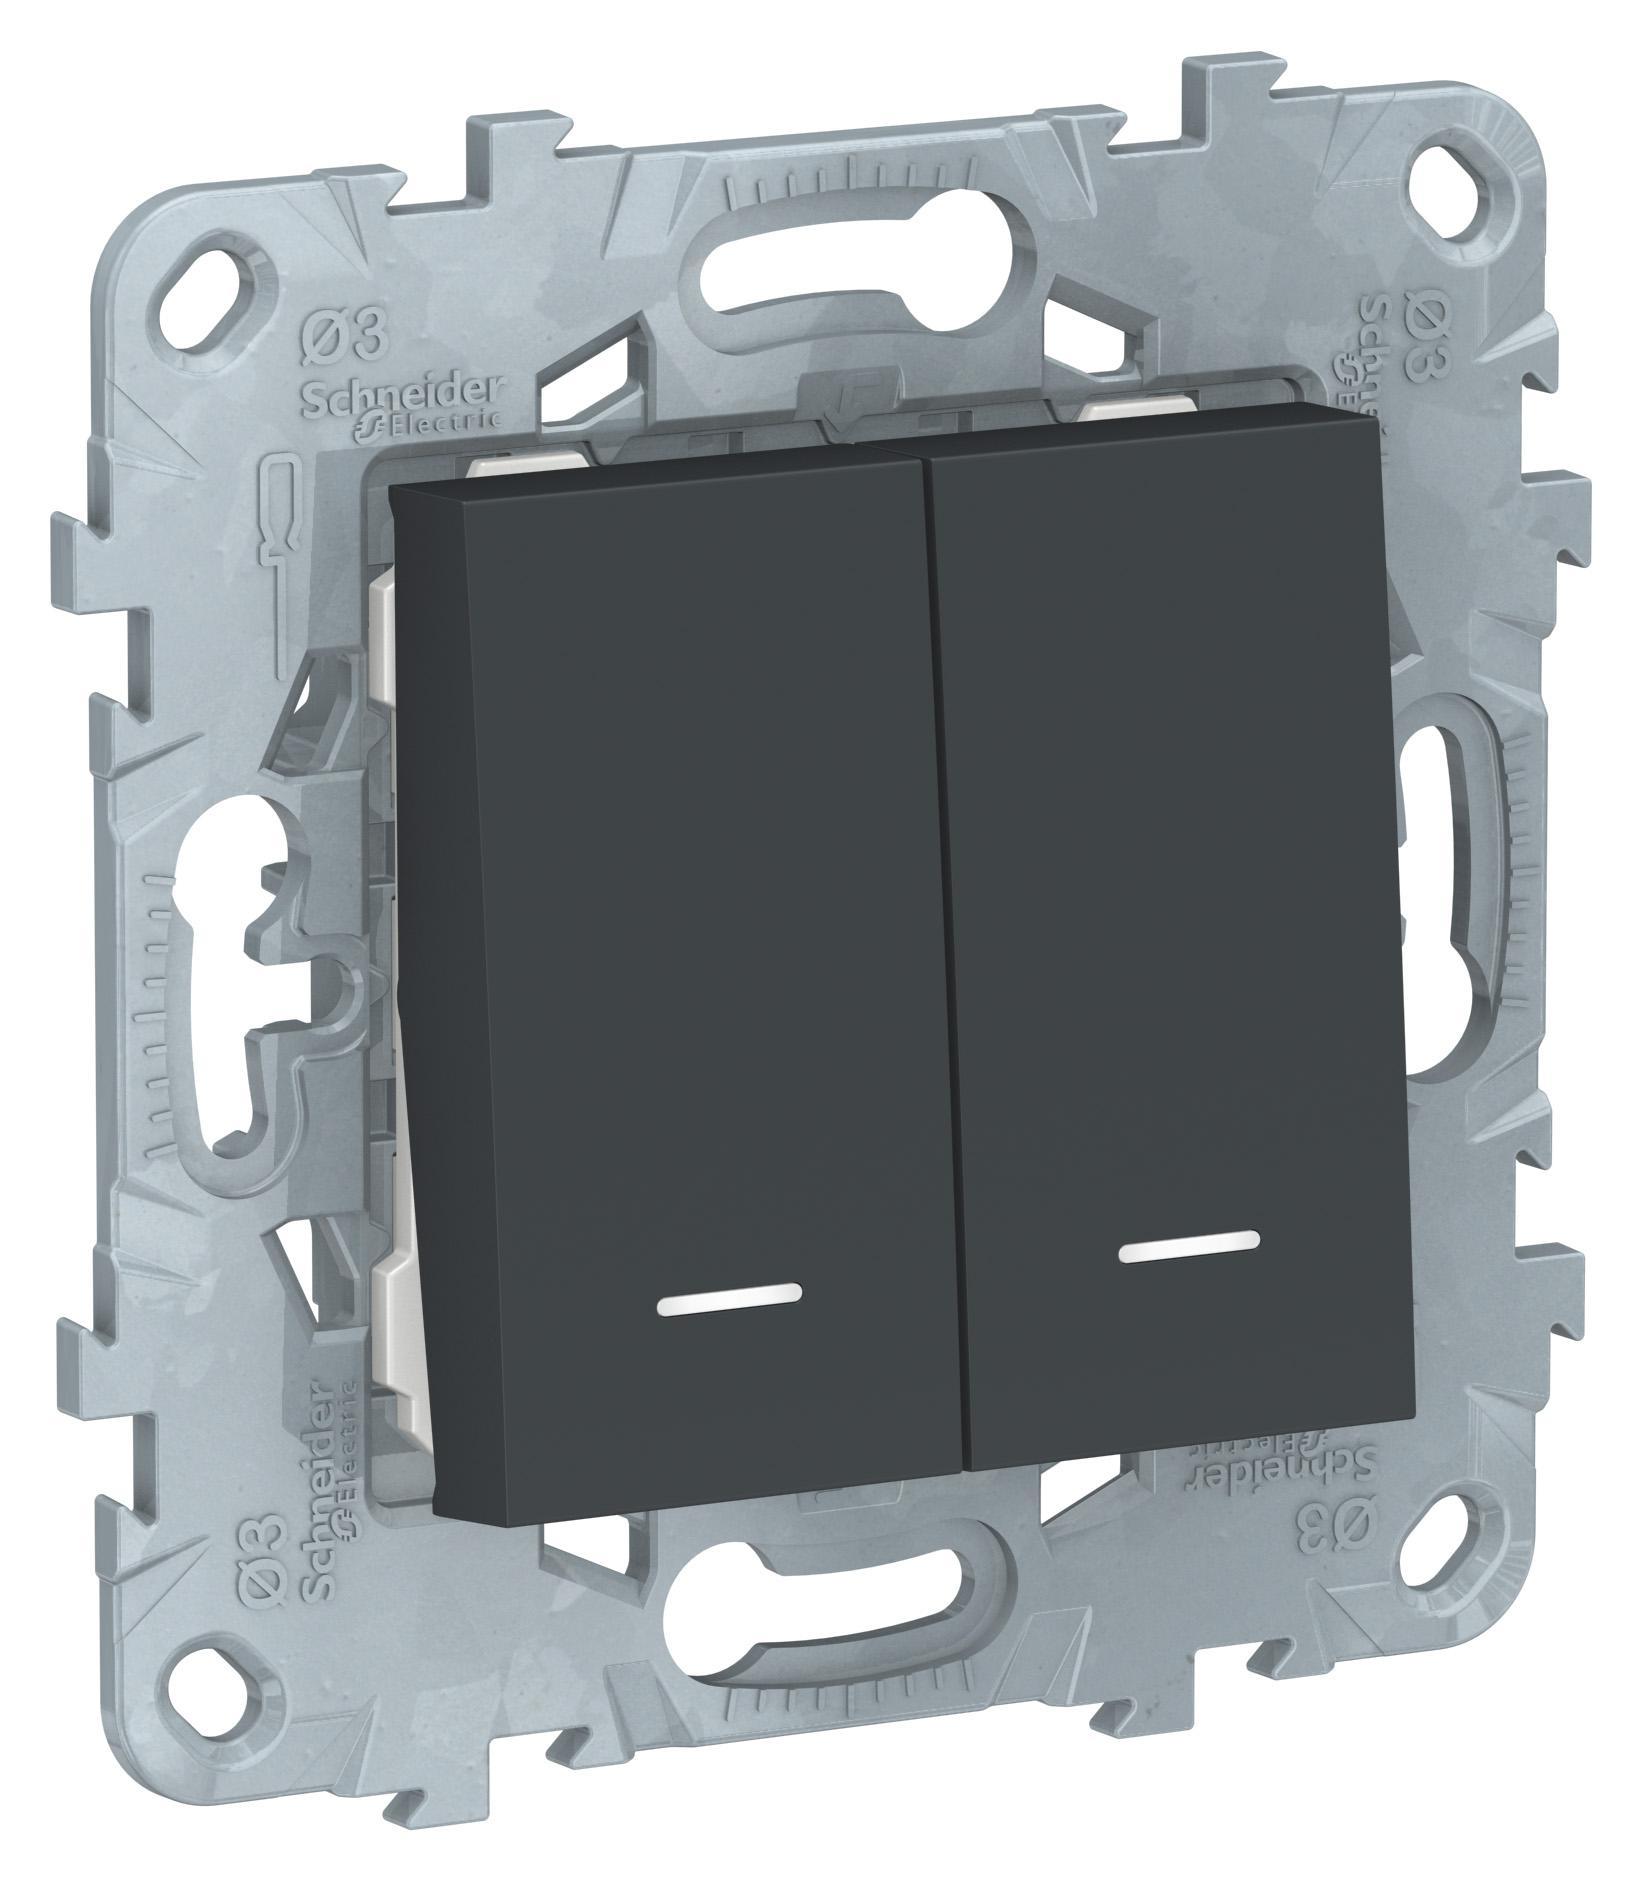 Переключатель Schneider electric Nu521354n